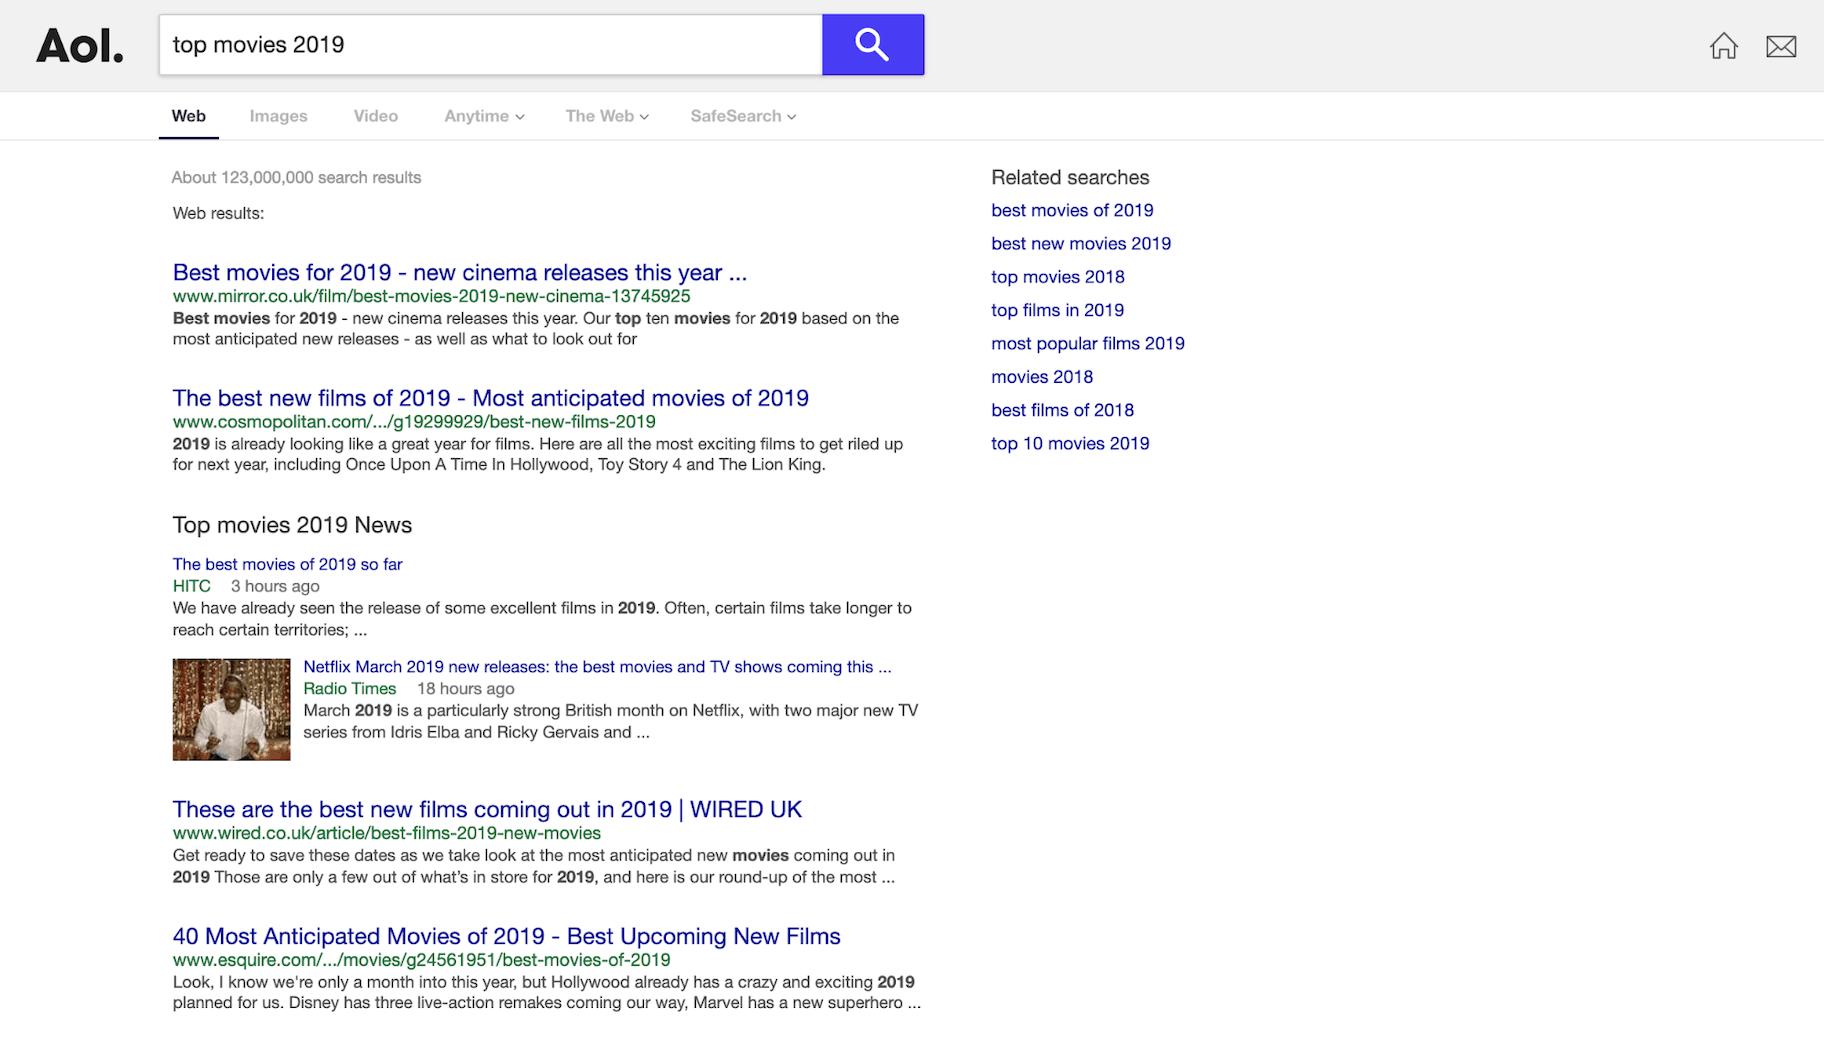 AOL Search Engine